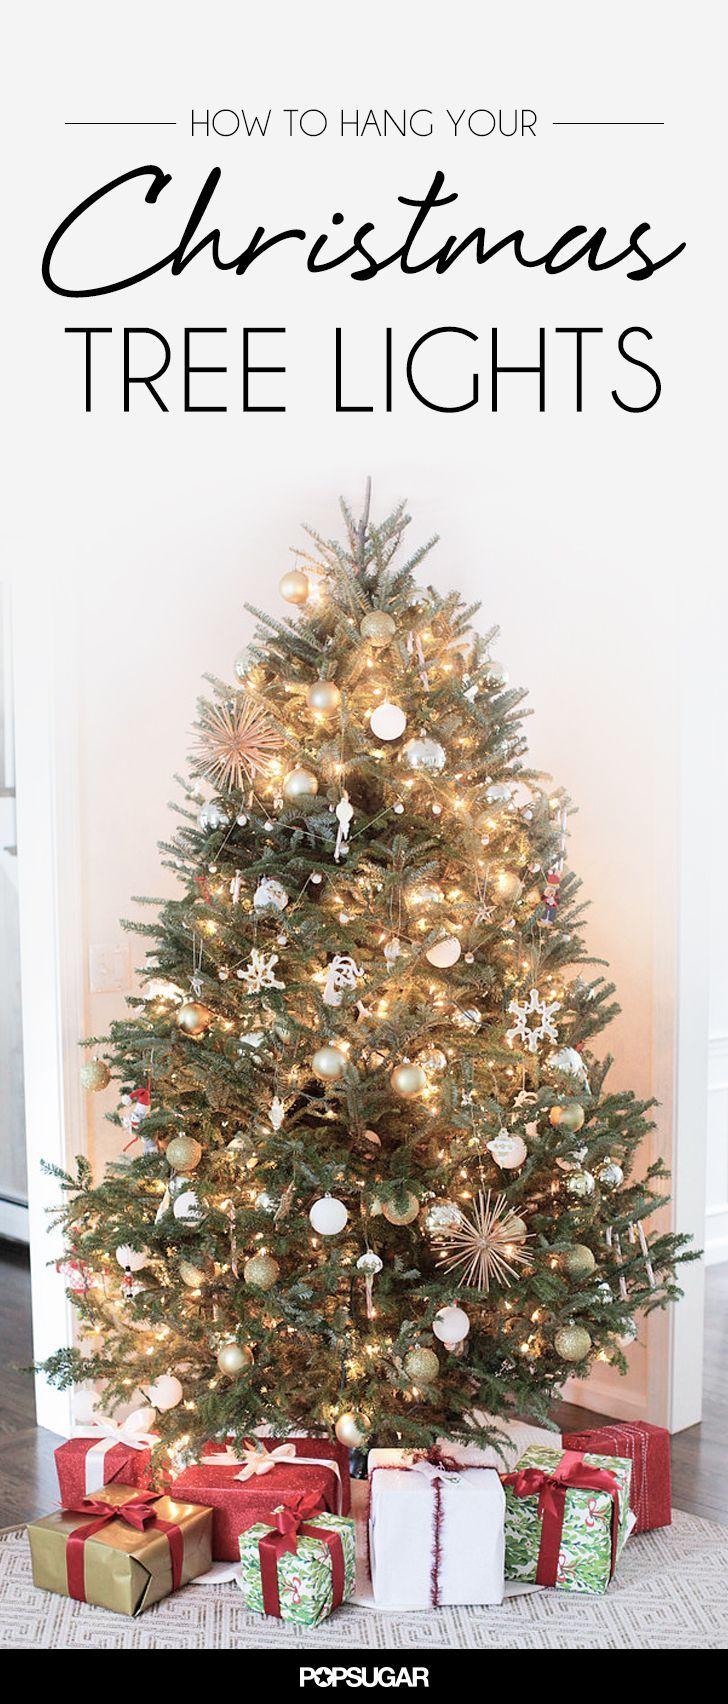 Christmas tree lighting tips - How To Hang Your Christmas Tree Lights